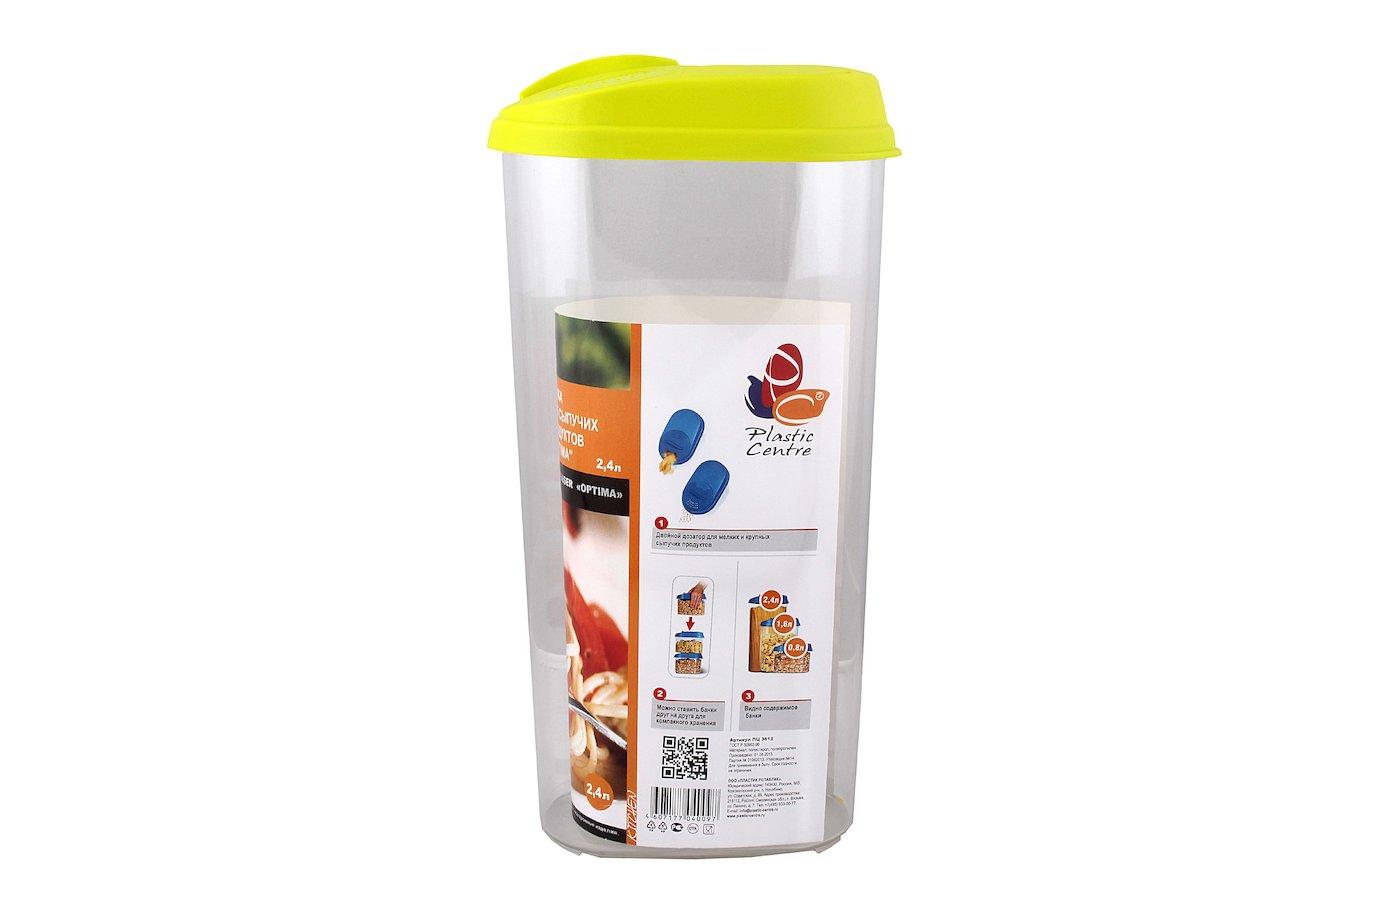 контейнеры для продуктов Plastic Centre ПЦ3612 Банка для сыпучих продуктов Optima 2.4л